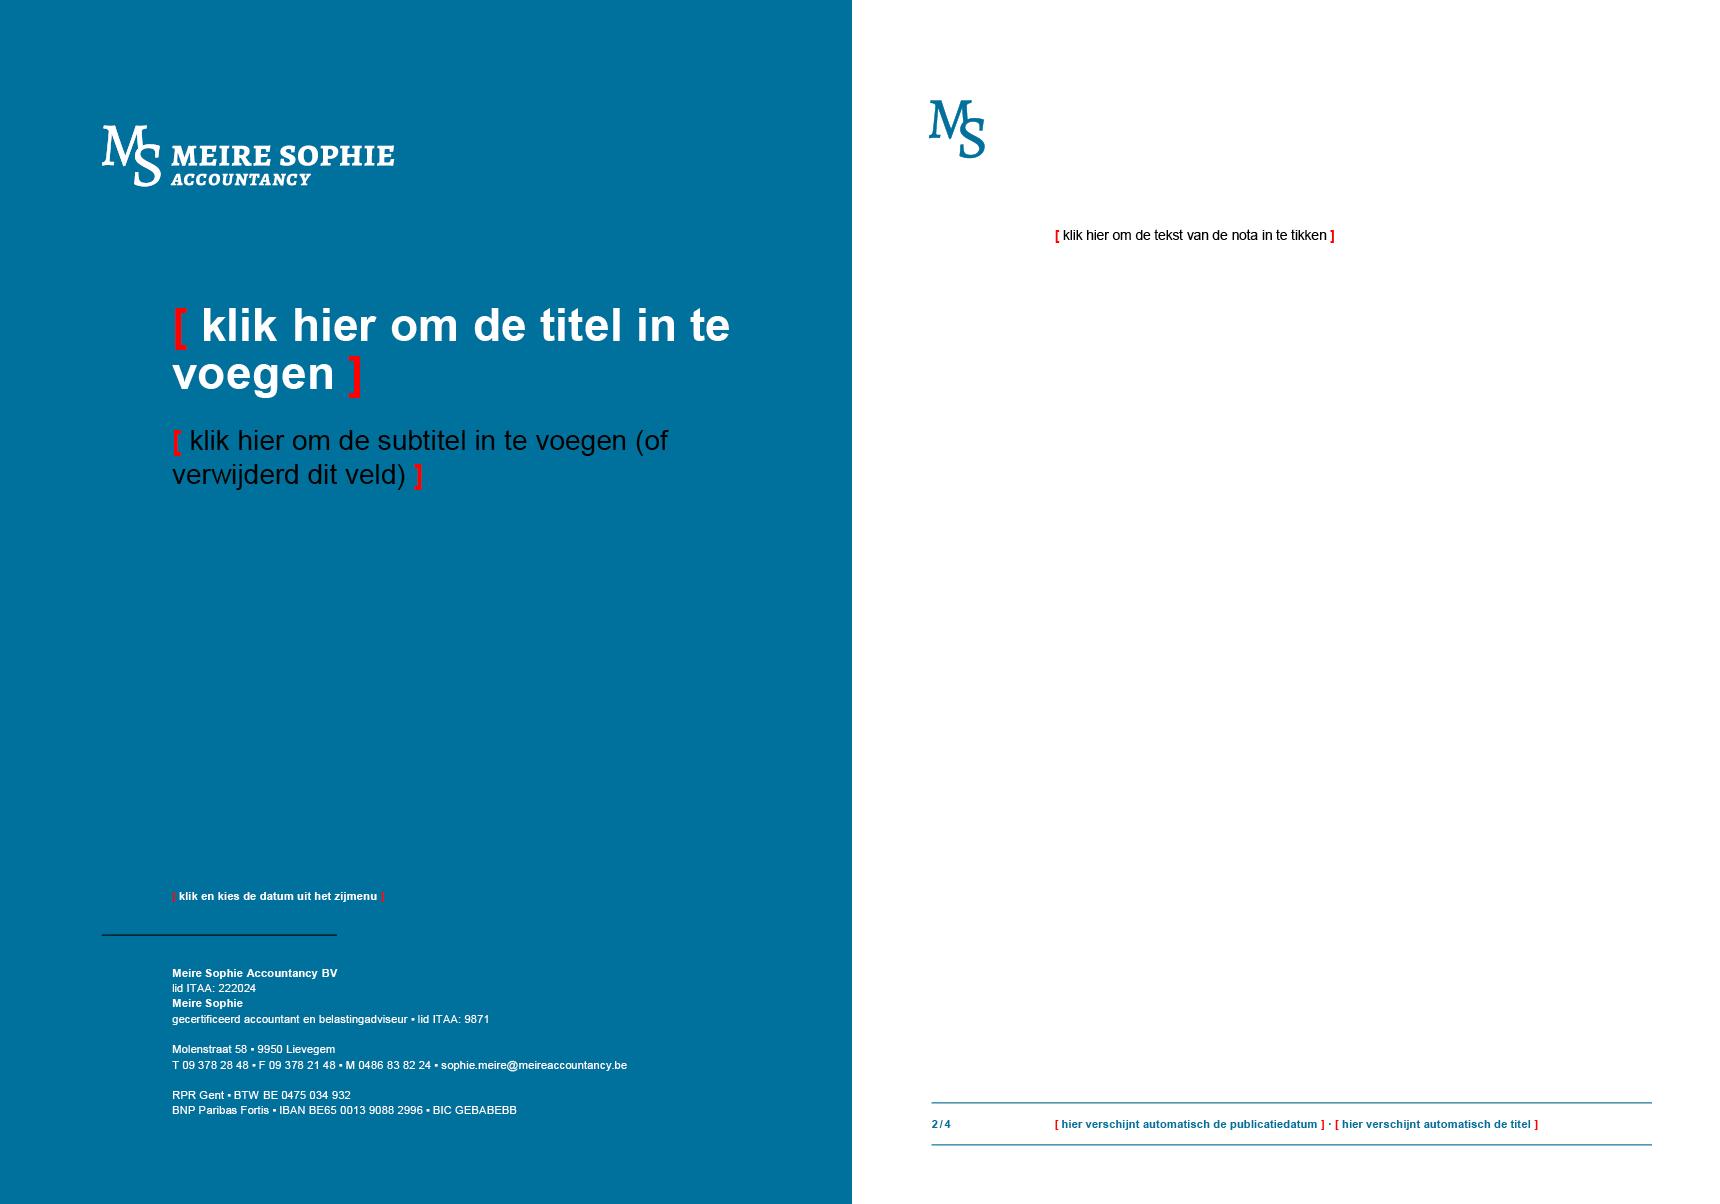 Rapport-sjabloon voor Microsoft Word, met blanco invulvelden